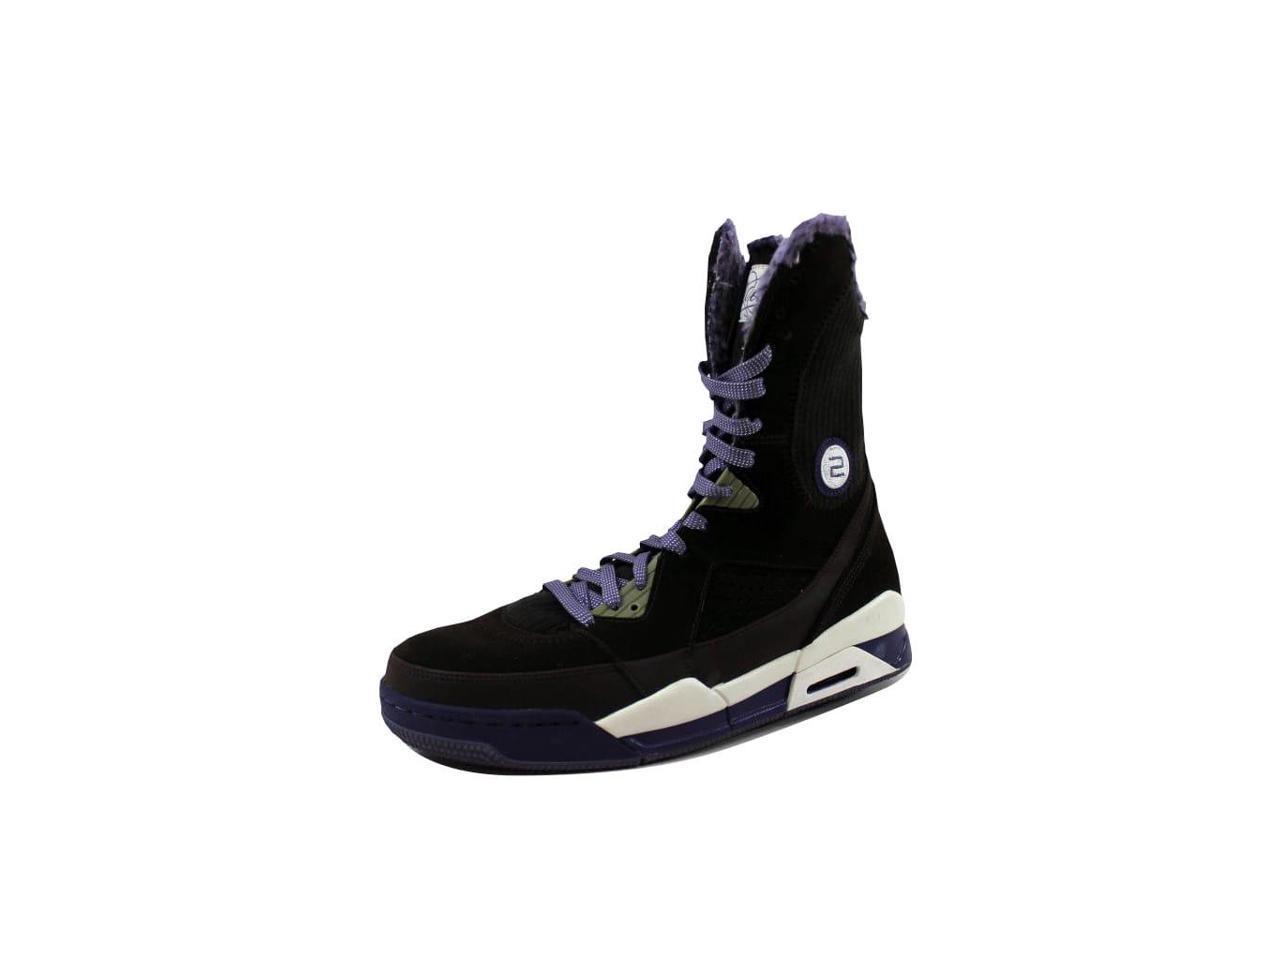 Nike Grade-School Air Jordan Flight 9 414561-201 6 Inch Velvet Brown/Daybreak-Ink-Sail 414561-201 9 Size 7Y a32ae6